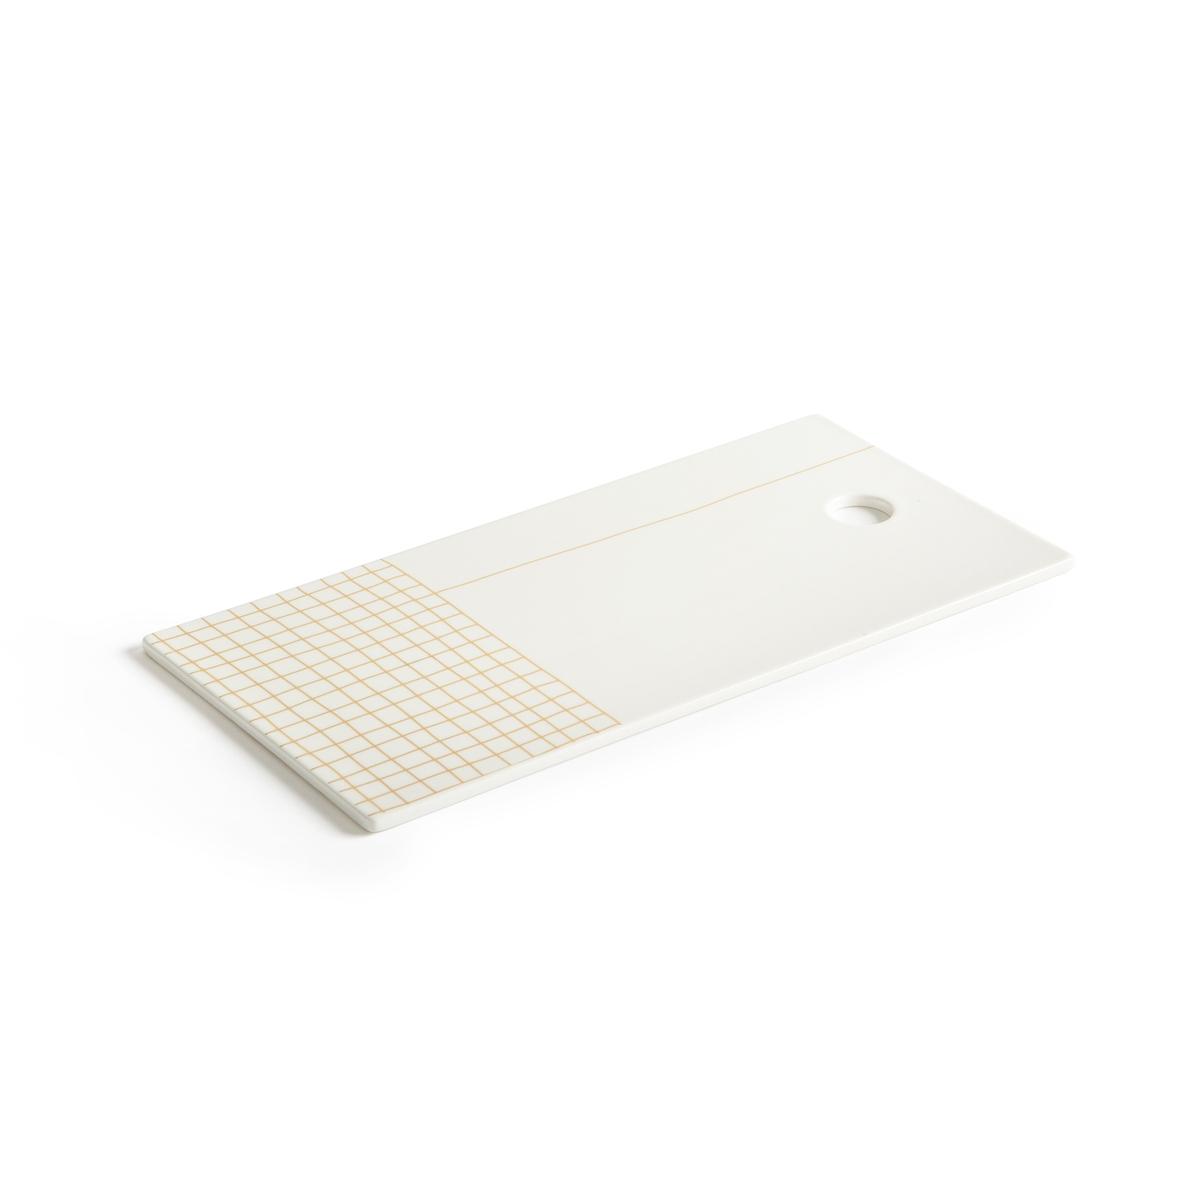 Доска La Redoute Разделочная из керамики Acao единый размер белый цена